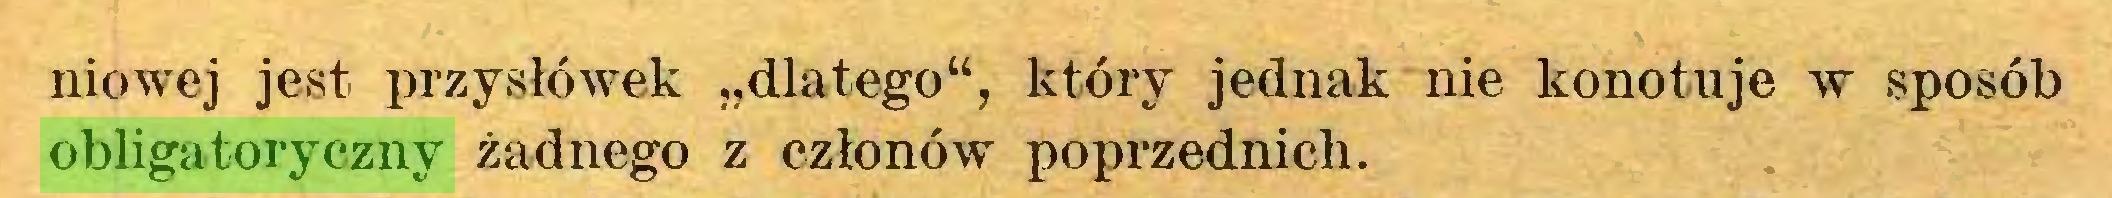 """(...) niowej jest przysłówek """"dlatego"""", który jednak nie konotuje w sposób obligatoryczny żadnego z członów poprzednich..."""